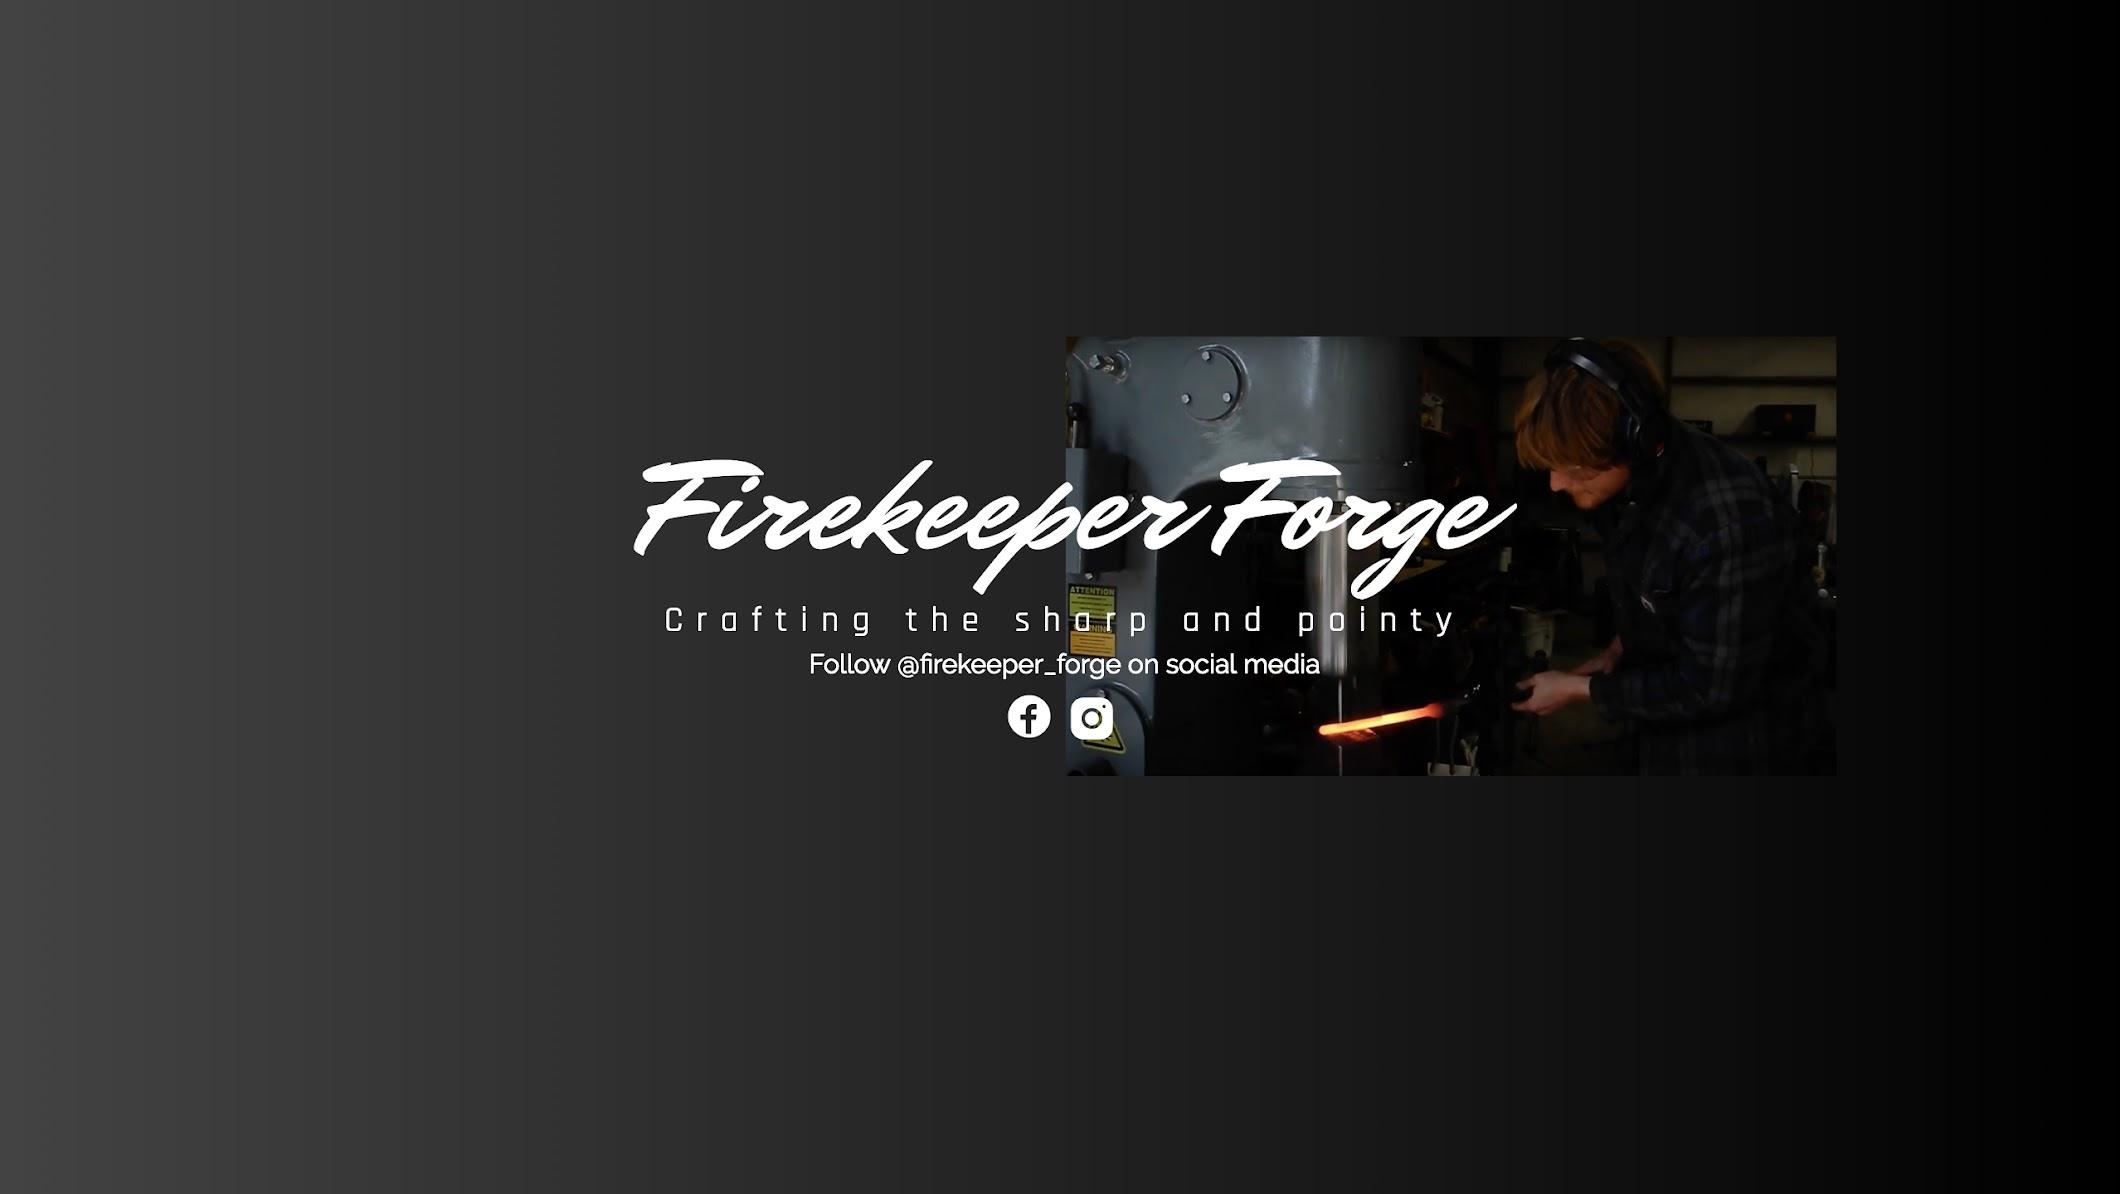 FirekeeperForge